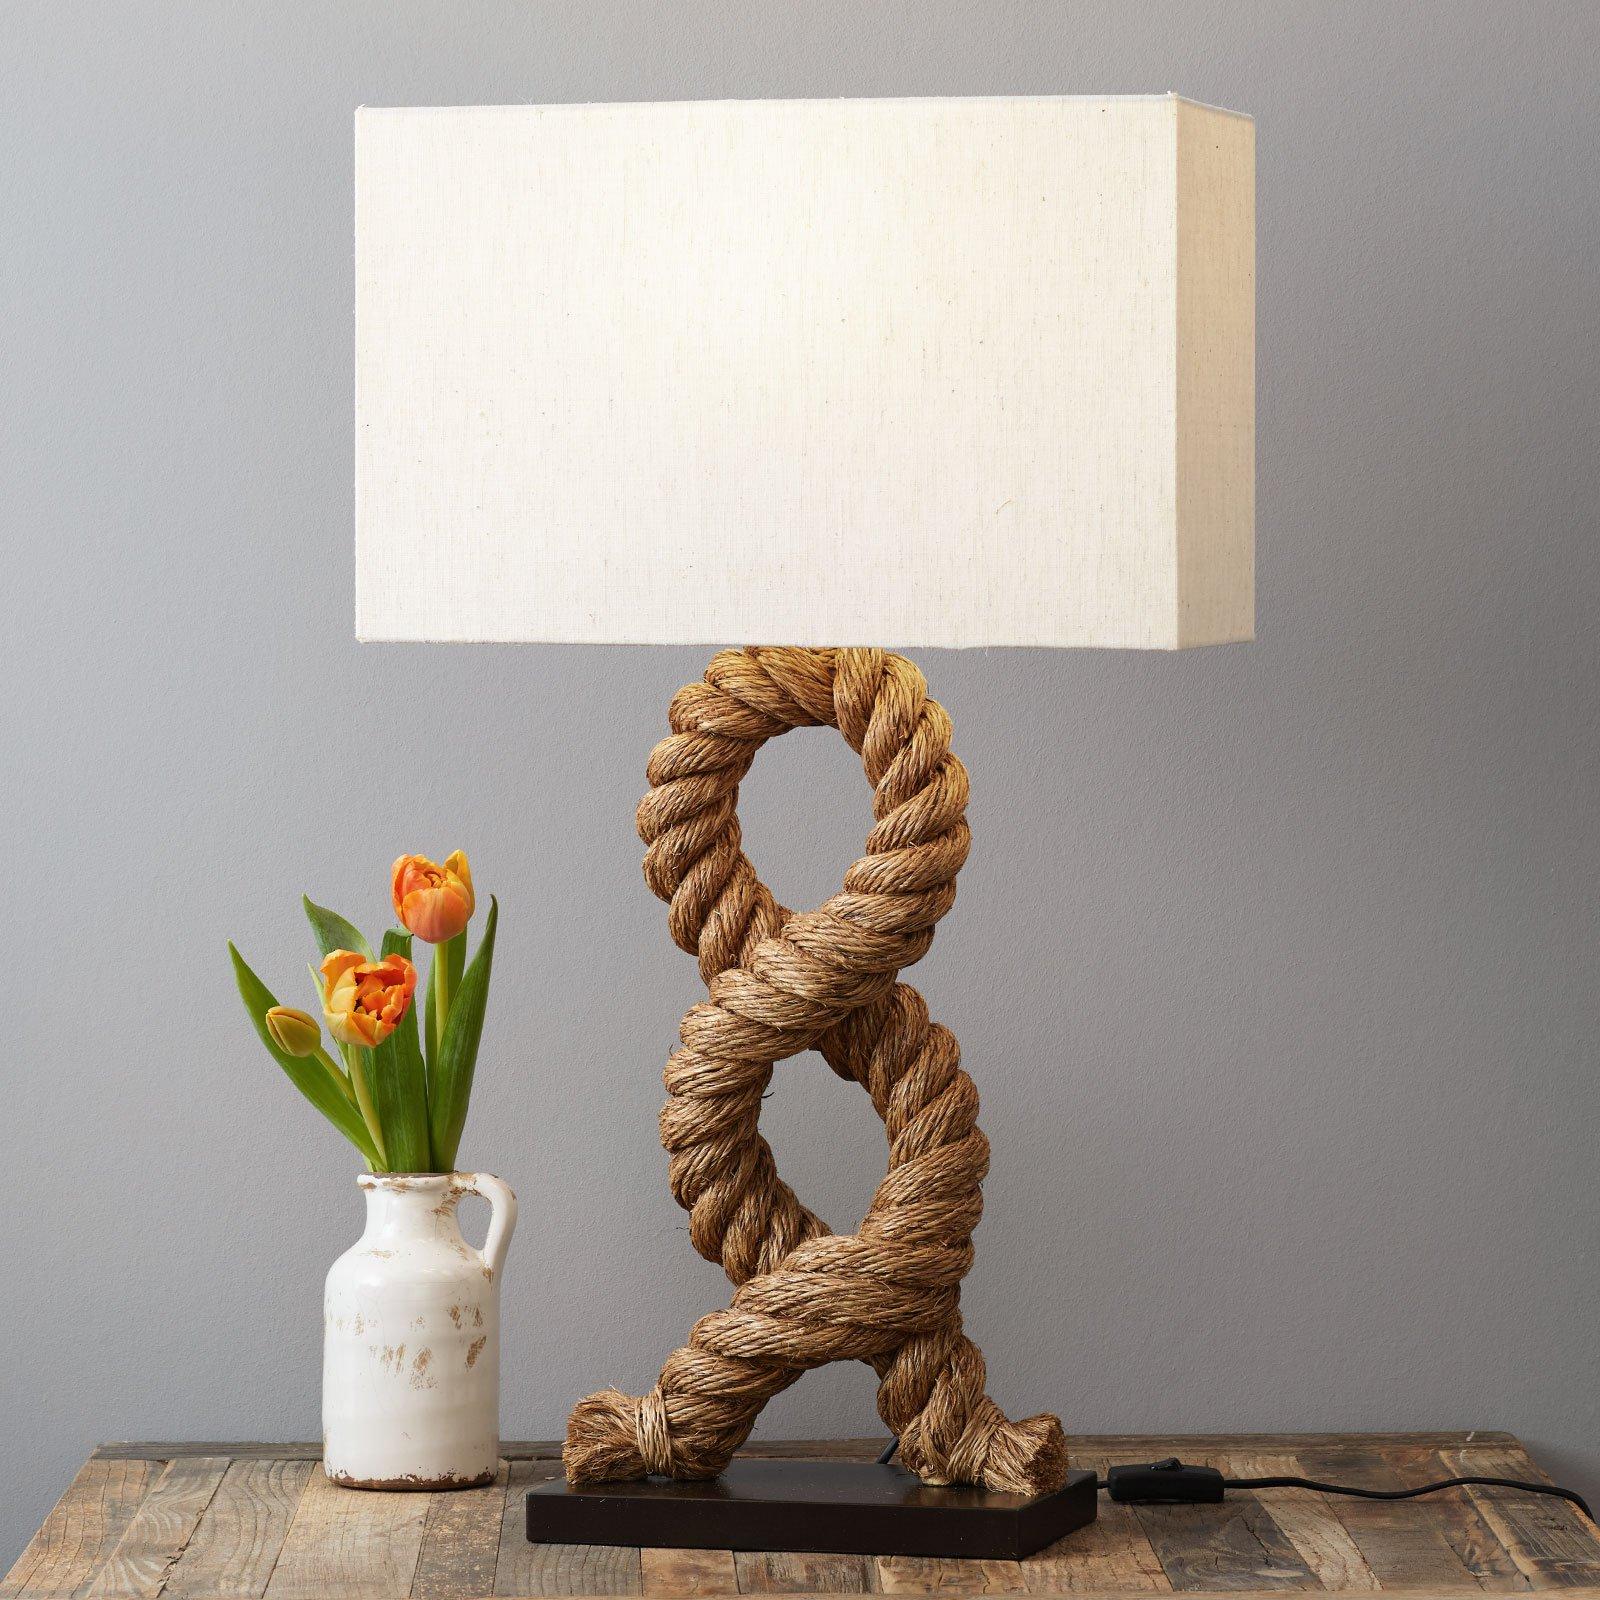 Unik bordlampe VICTORIA, firkantet skjerm